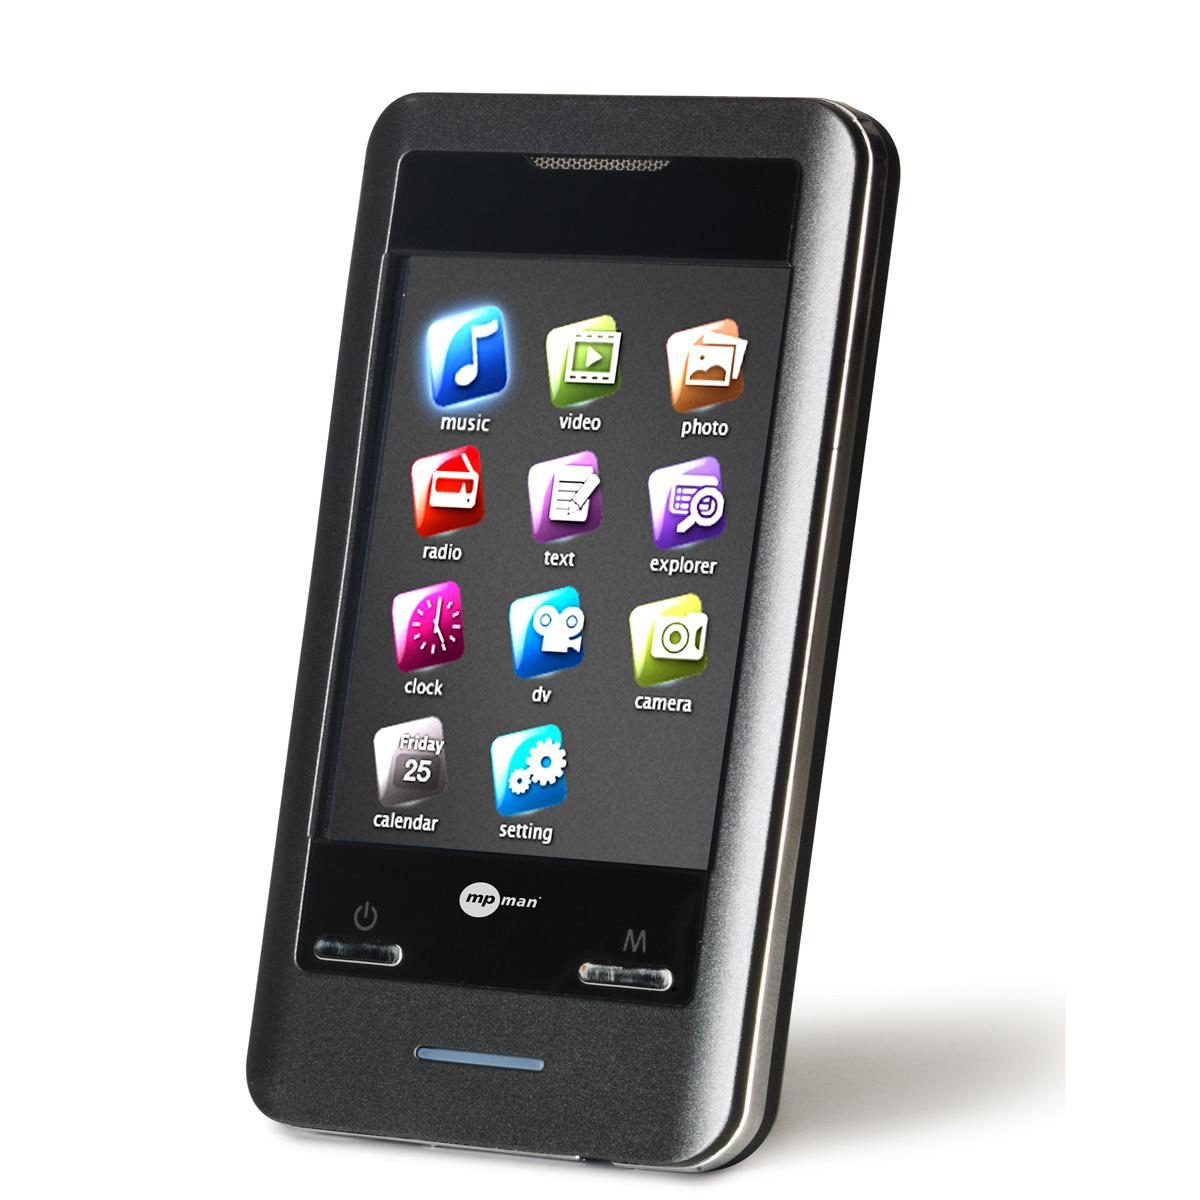 mpman ts3030 4 go lecteur mp3 ipod mp man sur. Black Bedroom Furniture Sets. Home Design Ideas